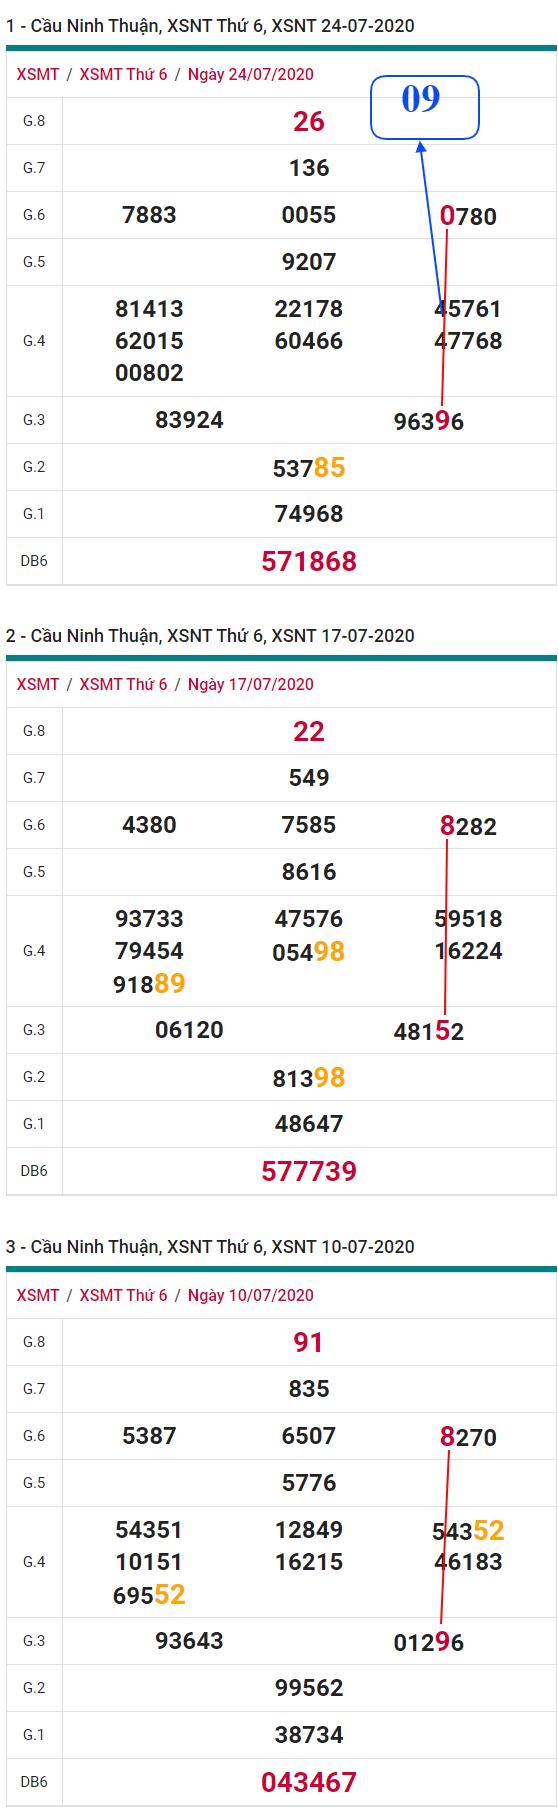 phan-tich-thong-ke-XSNT-thu-6-ngay-31-07